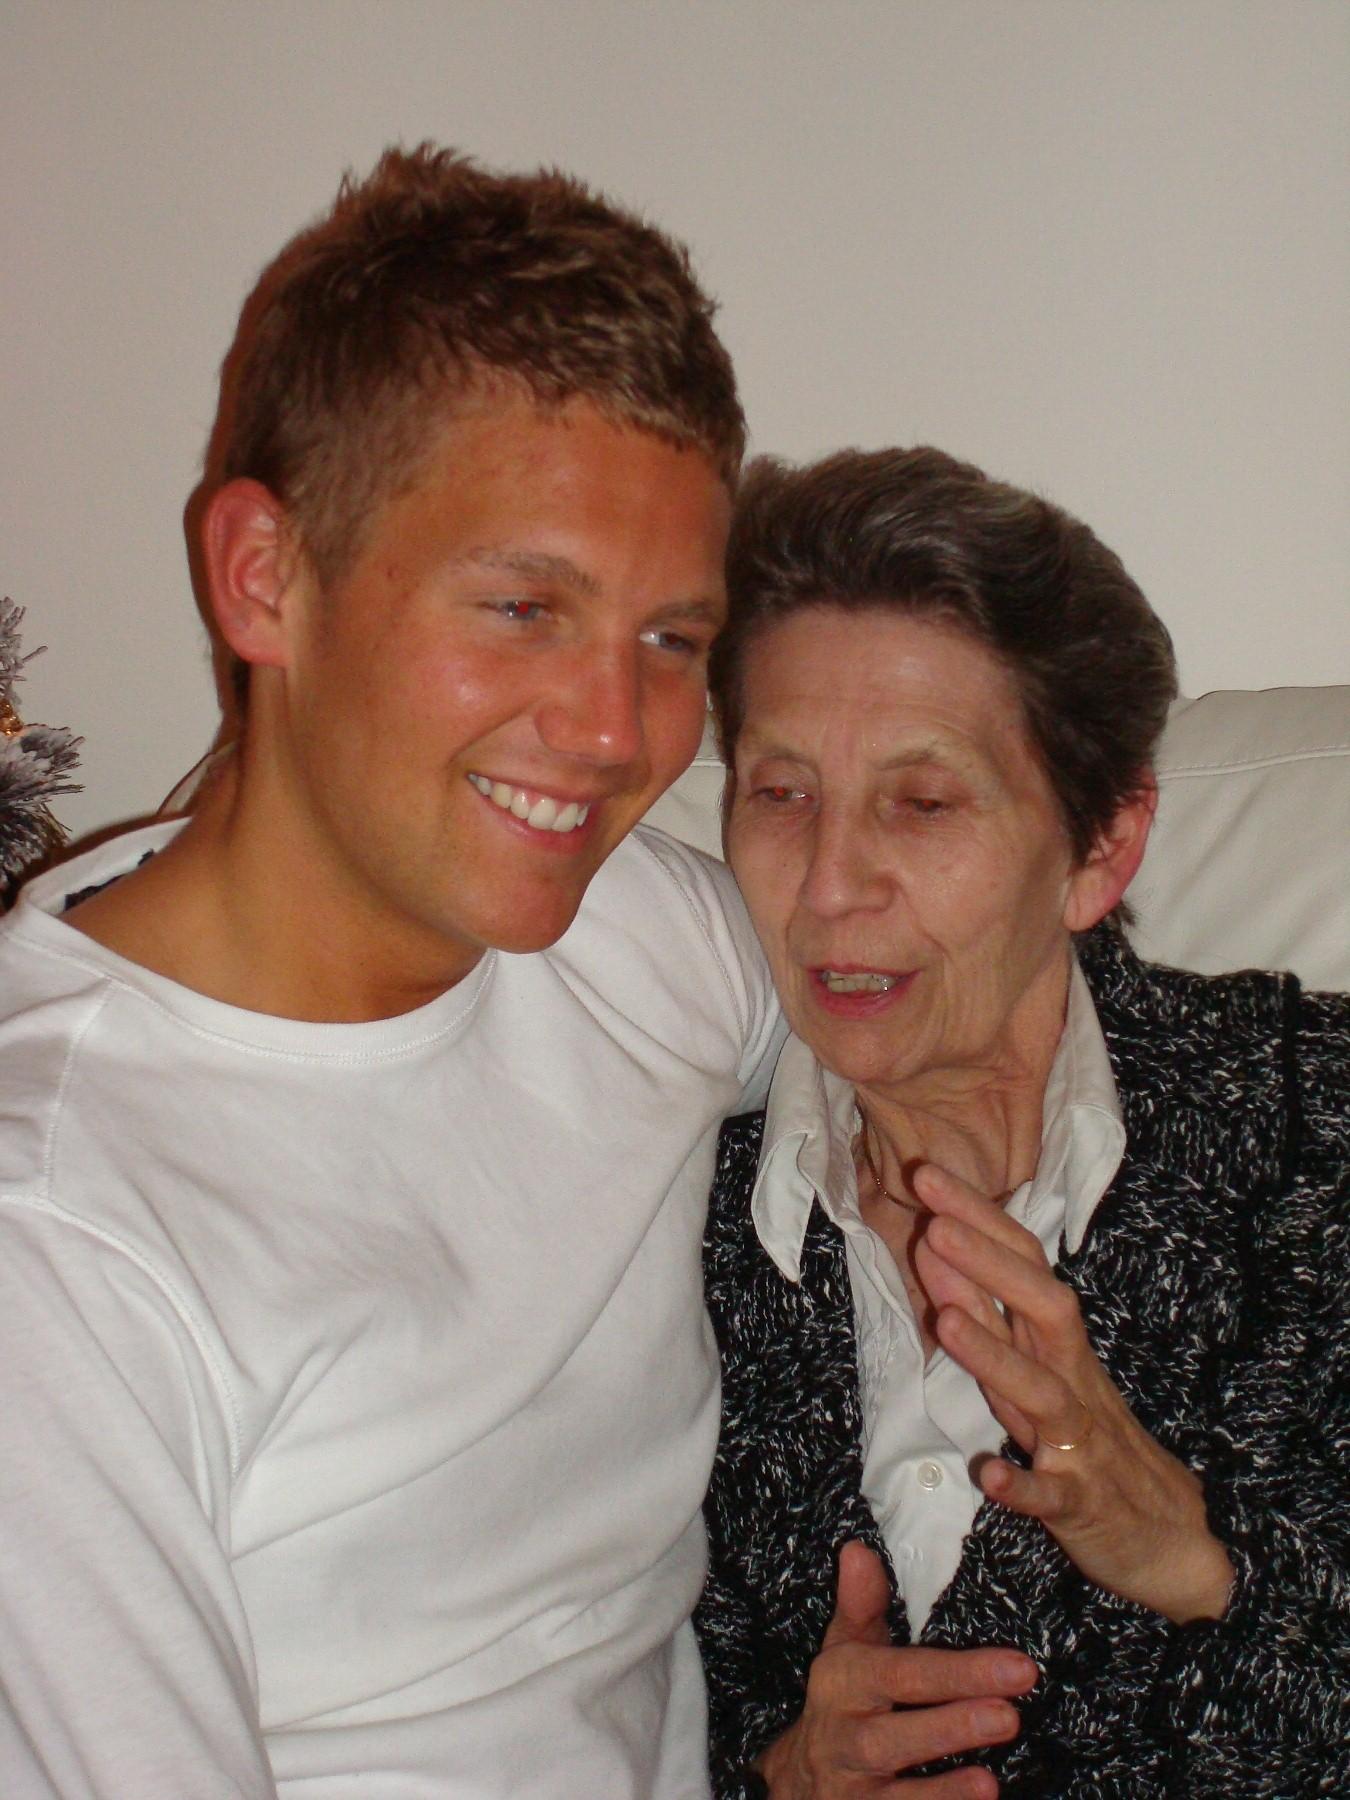 Robert Burns with Grandmother, 2007